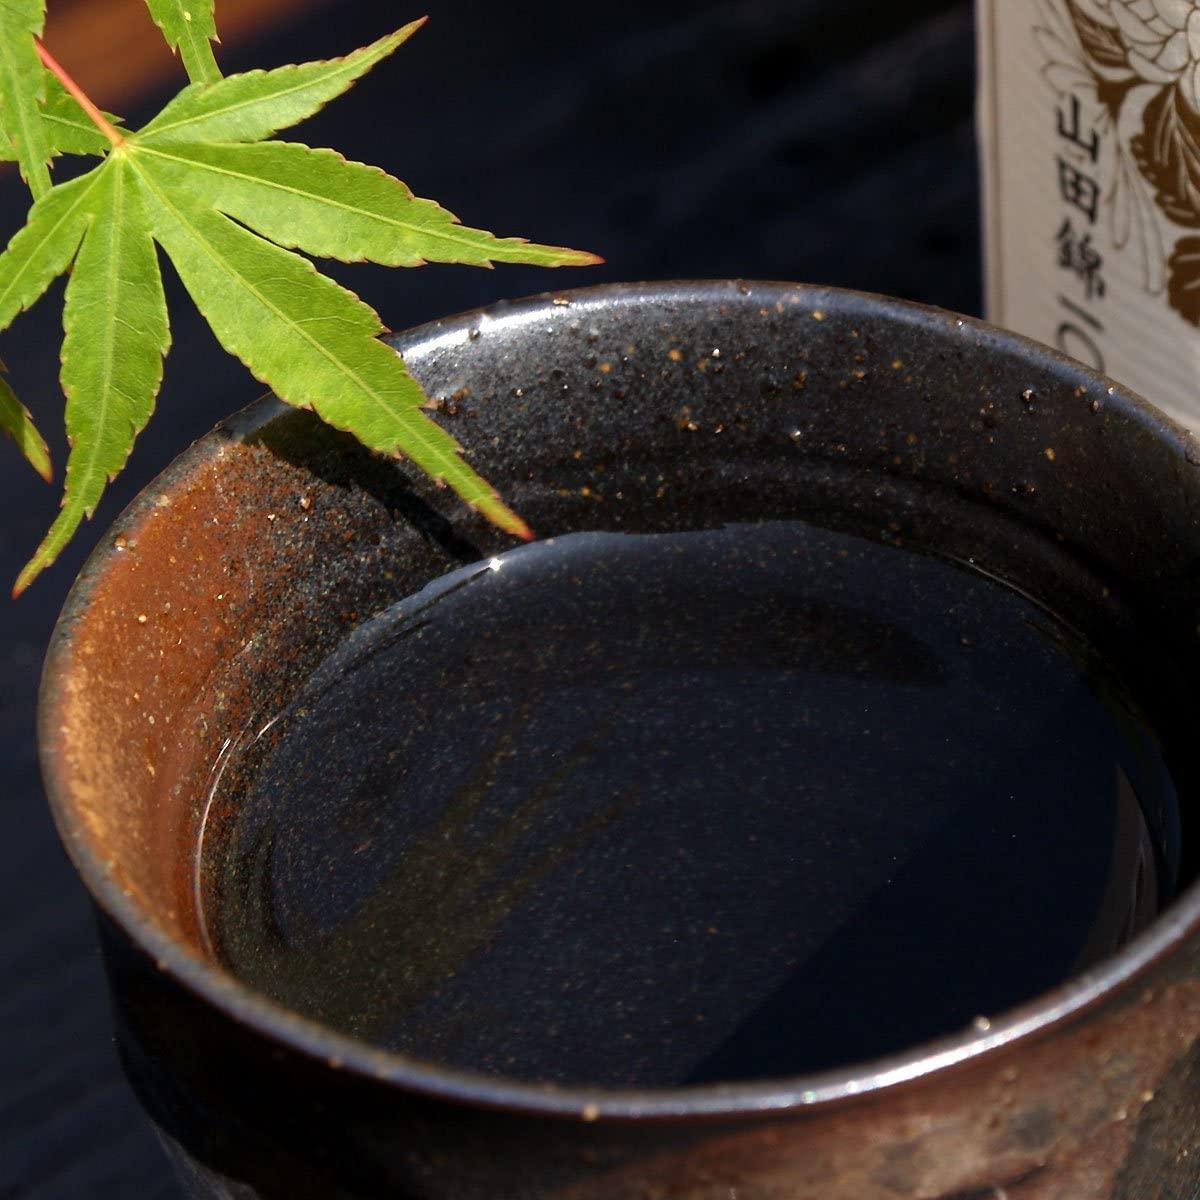 九谷焼 陶器の荒削り 焼酎グラス 銀彩(ブルー)の商品画像4